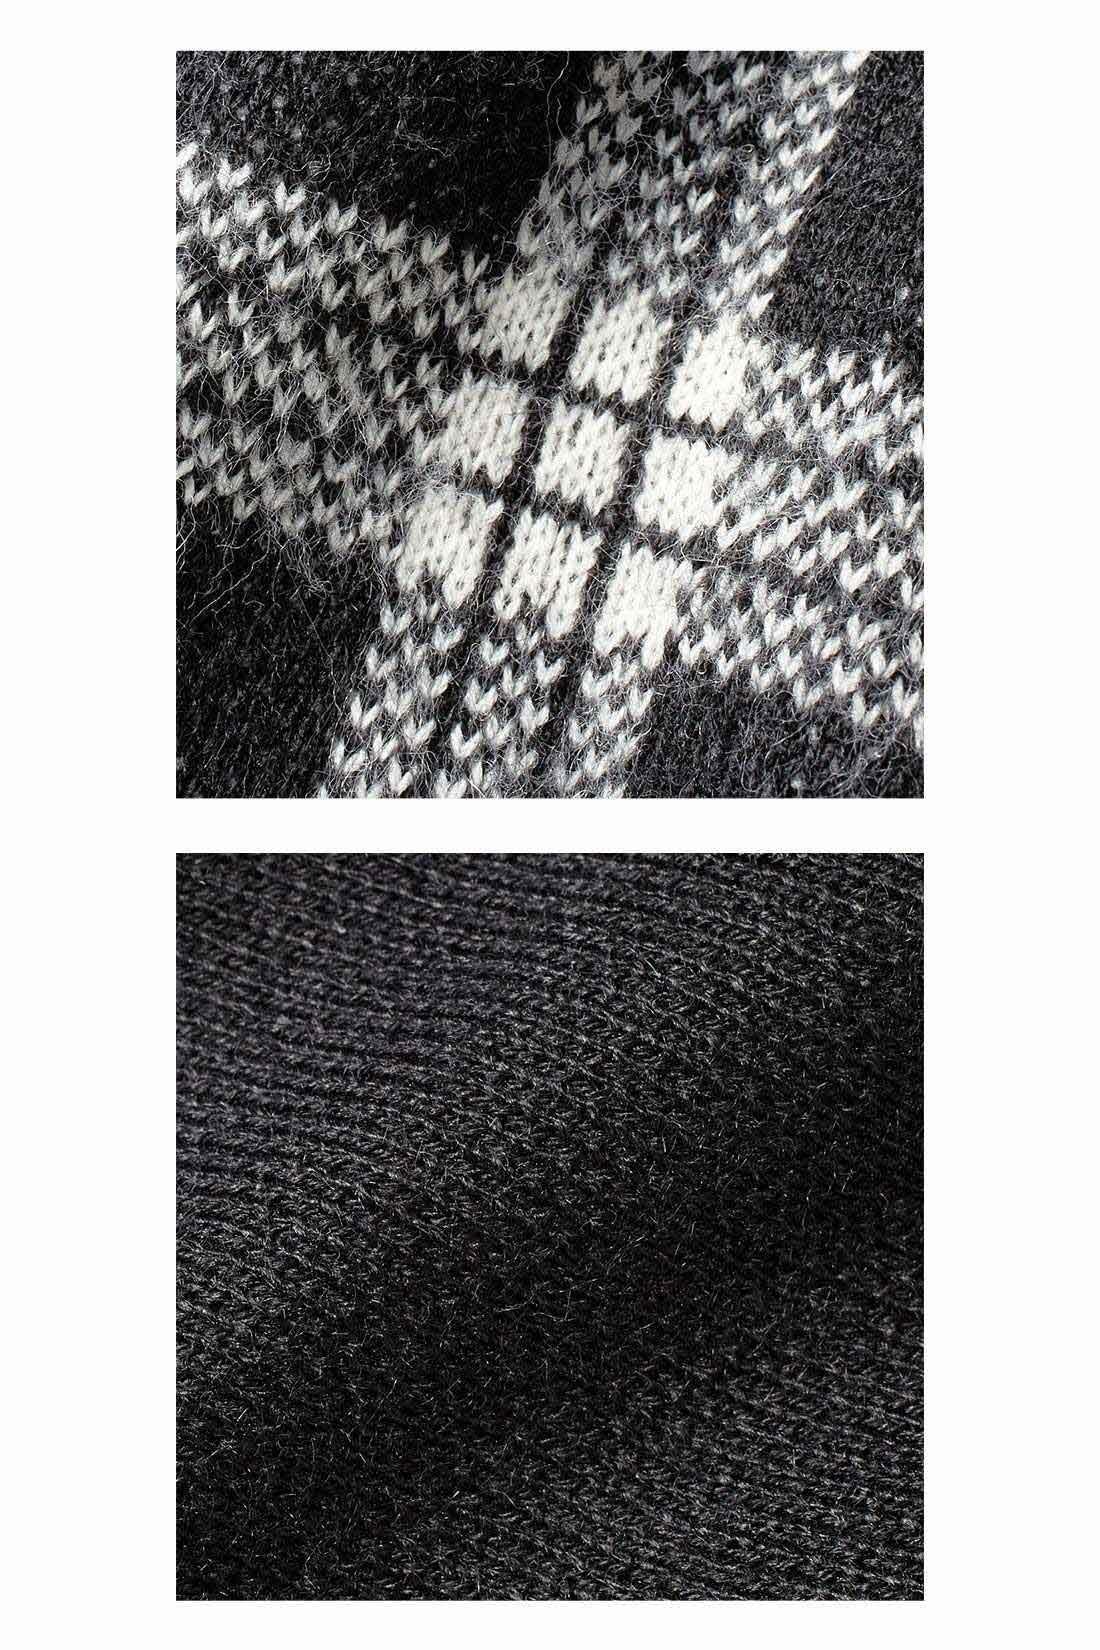 暖かく伸びやかならくちんニット トップスの柄部分は起毛をかけたふんわり仕上げ。袖と背中は天じく編みで上品に。ダブルジャカードのニットのフレアースカートは、ヒップラインを拾わないほどよい厚みでシルエットがきれい。 ※お届けするカラーとは異なります。